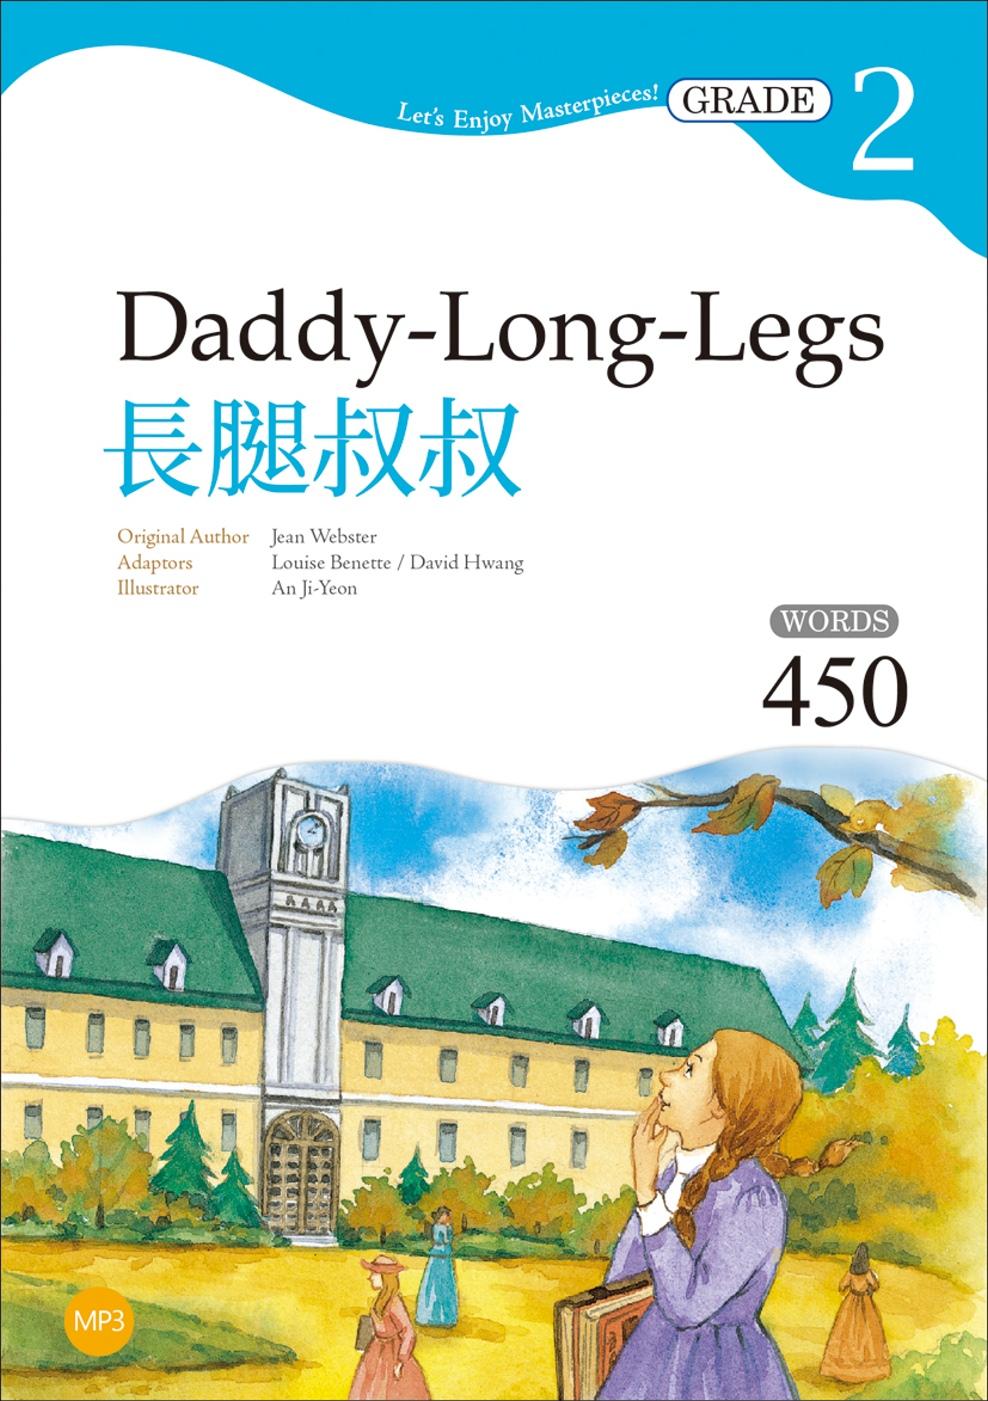 長腿叔叔【Grade 2經典文學讀本】(二版)(25K+1MP3)